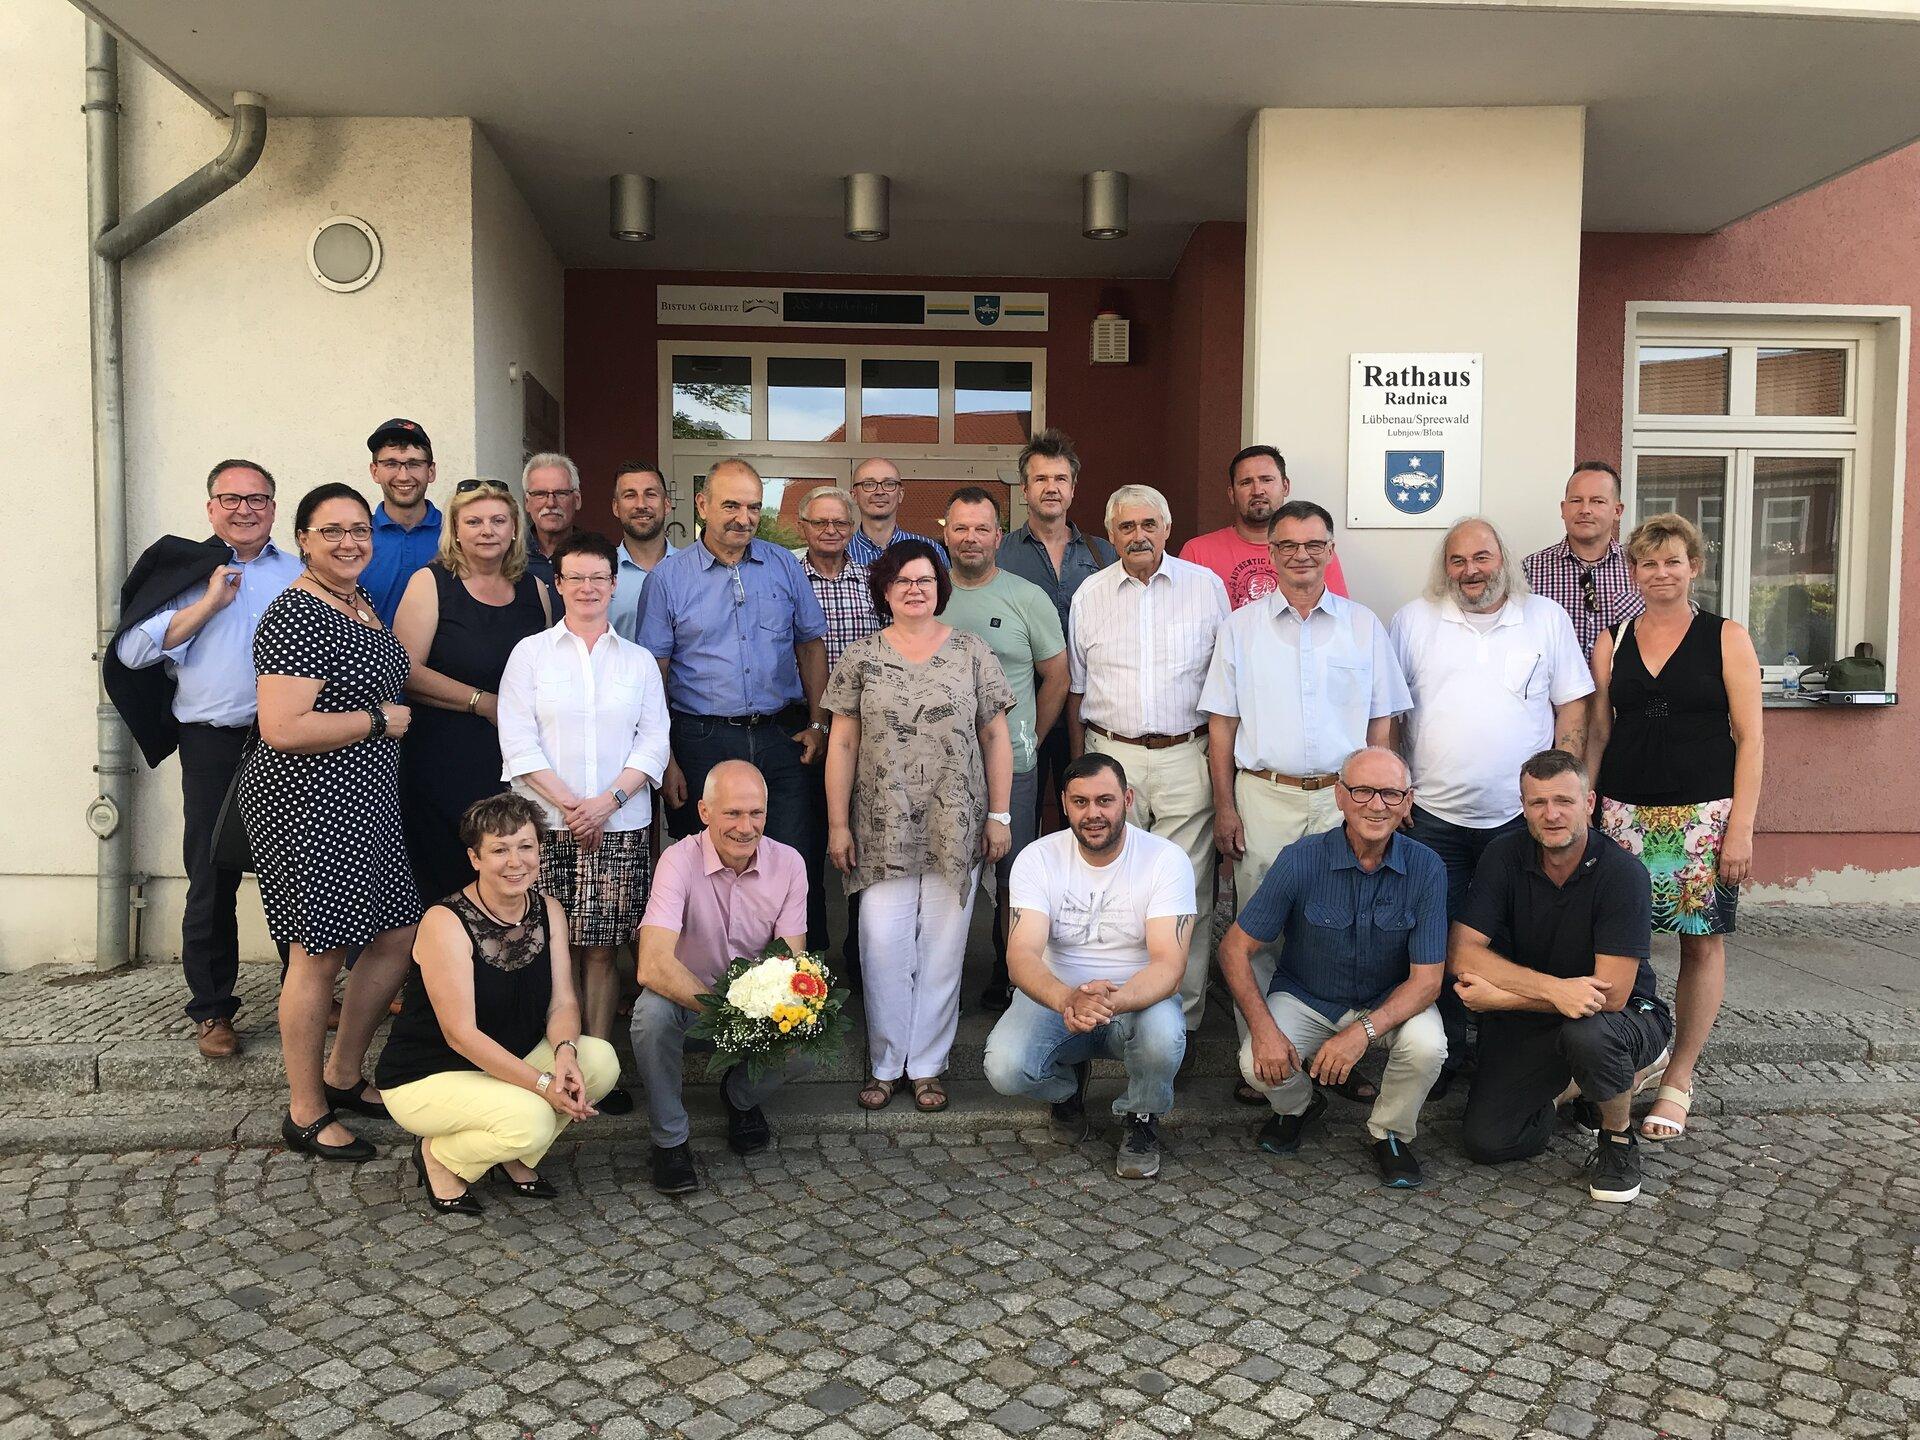 Gruppenbild der Stadtverordnetenversammlung der Stadt Lübbenau/Spreewald im Juni 2019, Foto: Stadt Lübbenau/Spreewald